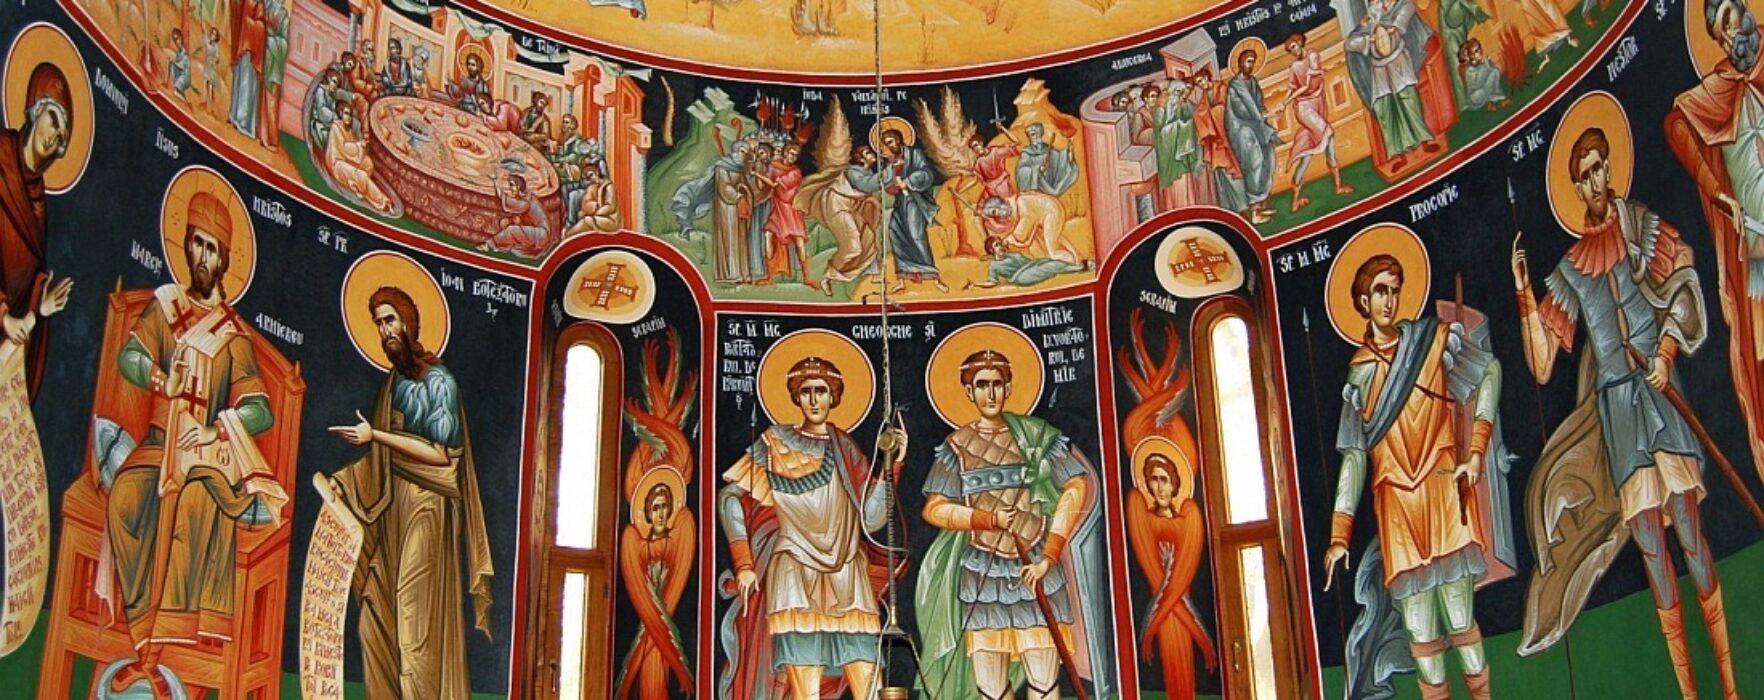 Post de preot, vacant în Arhiepiscopia Târgoviştei